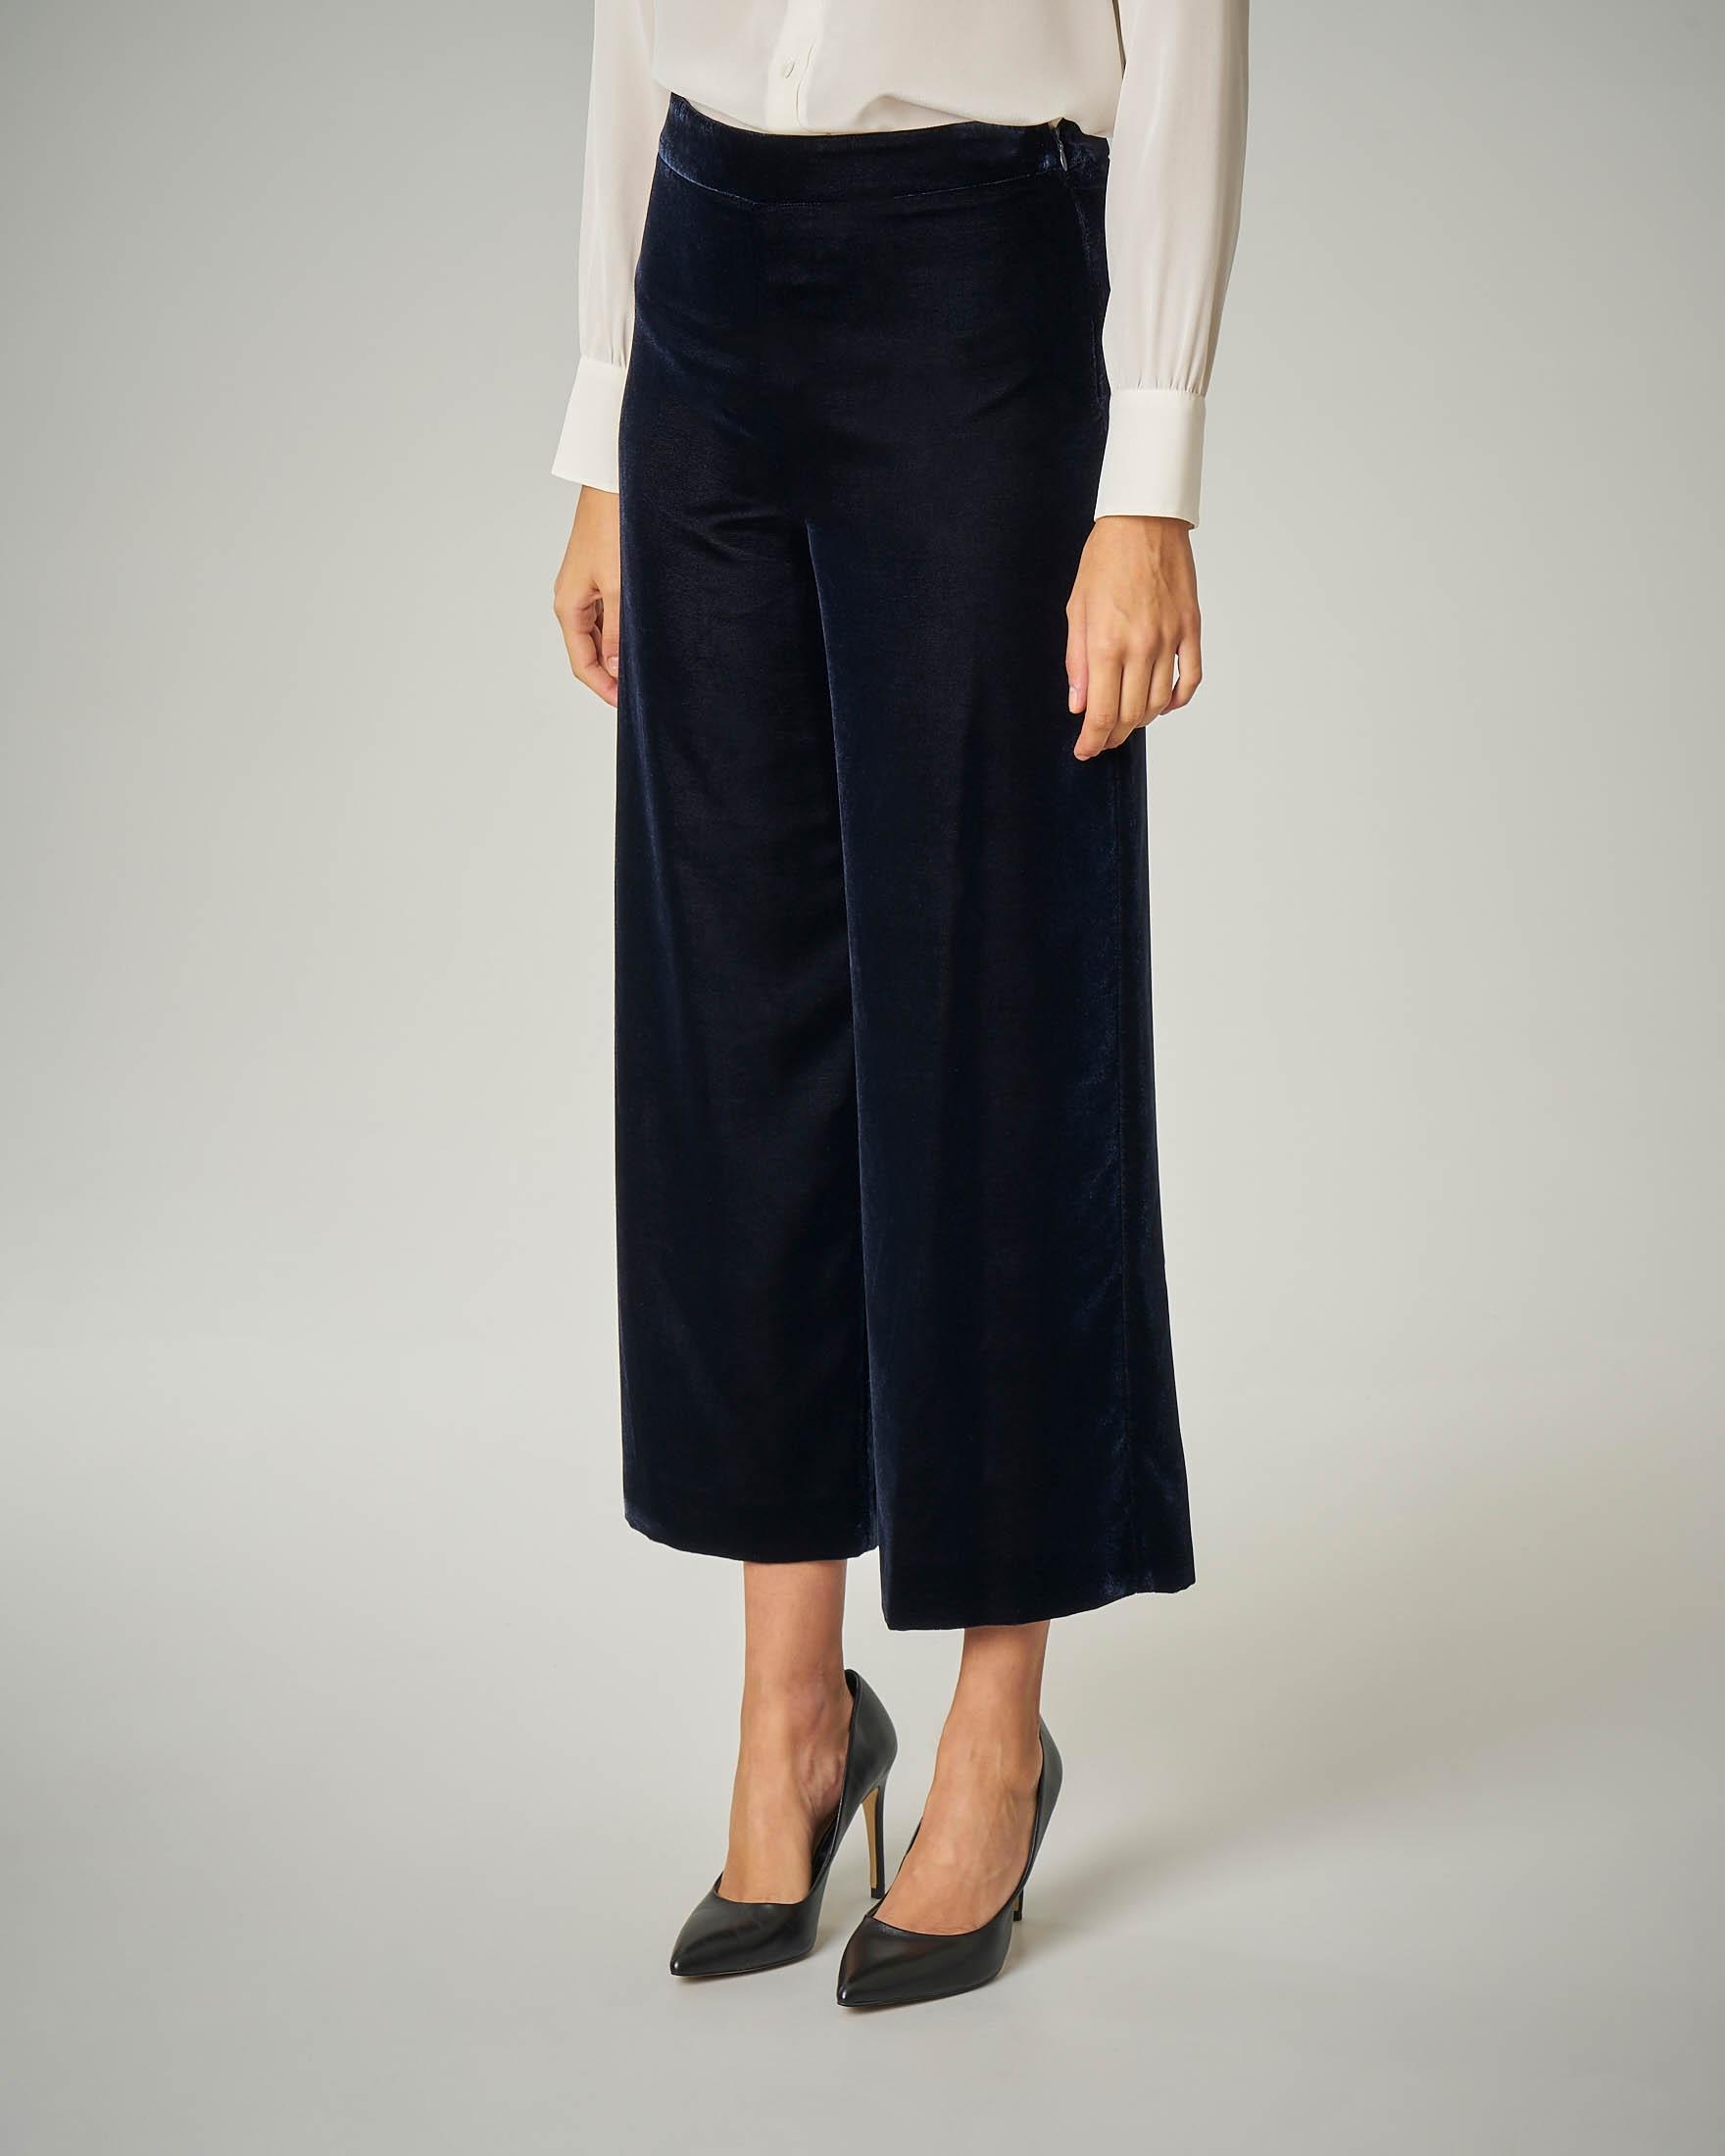 Pantaloni culotte in velluto blu